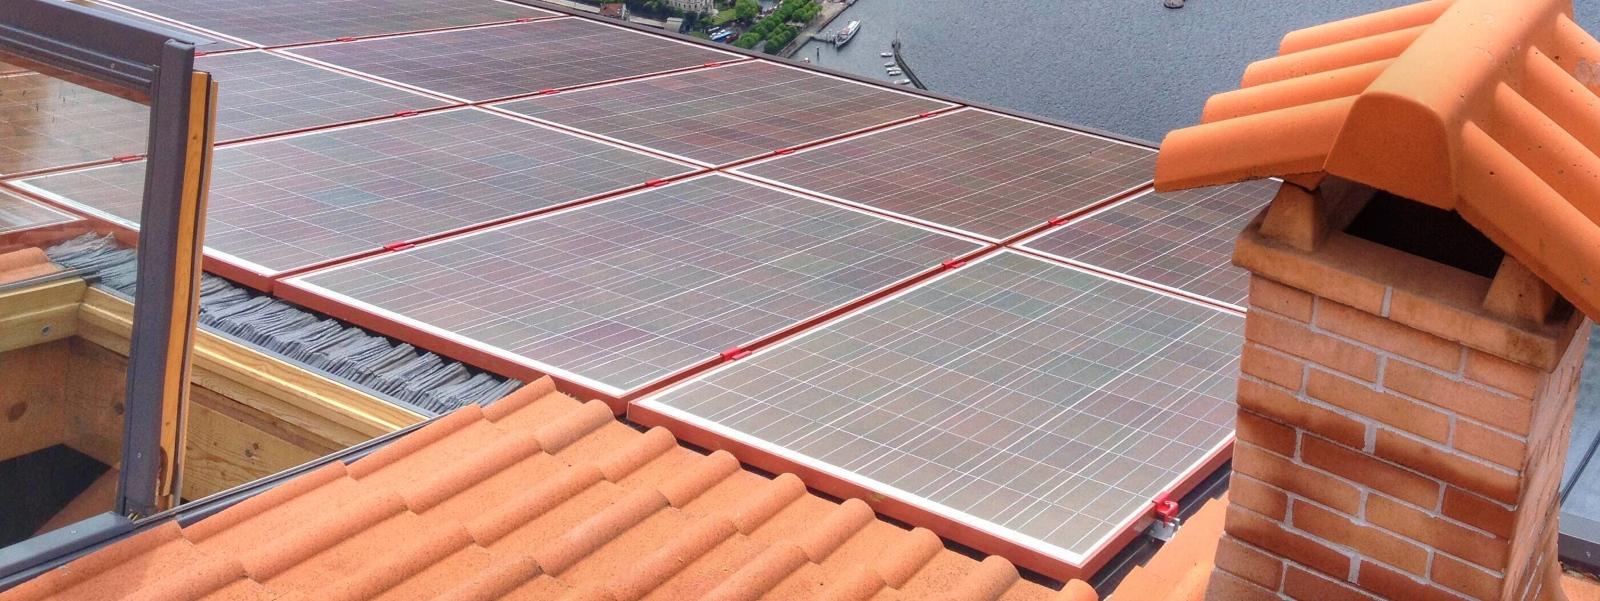 impianto fotovoltaico rosso - integrazione architettonica